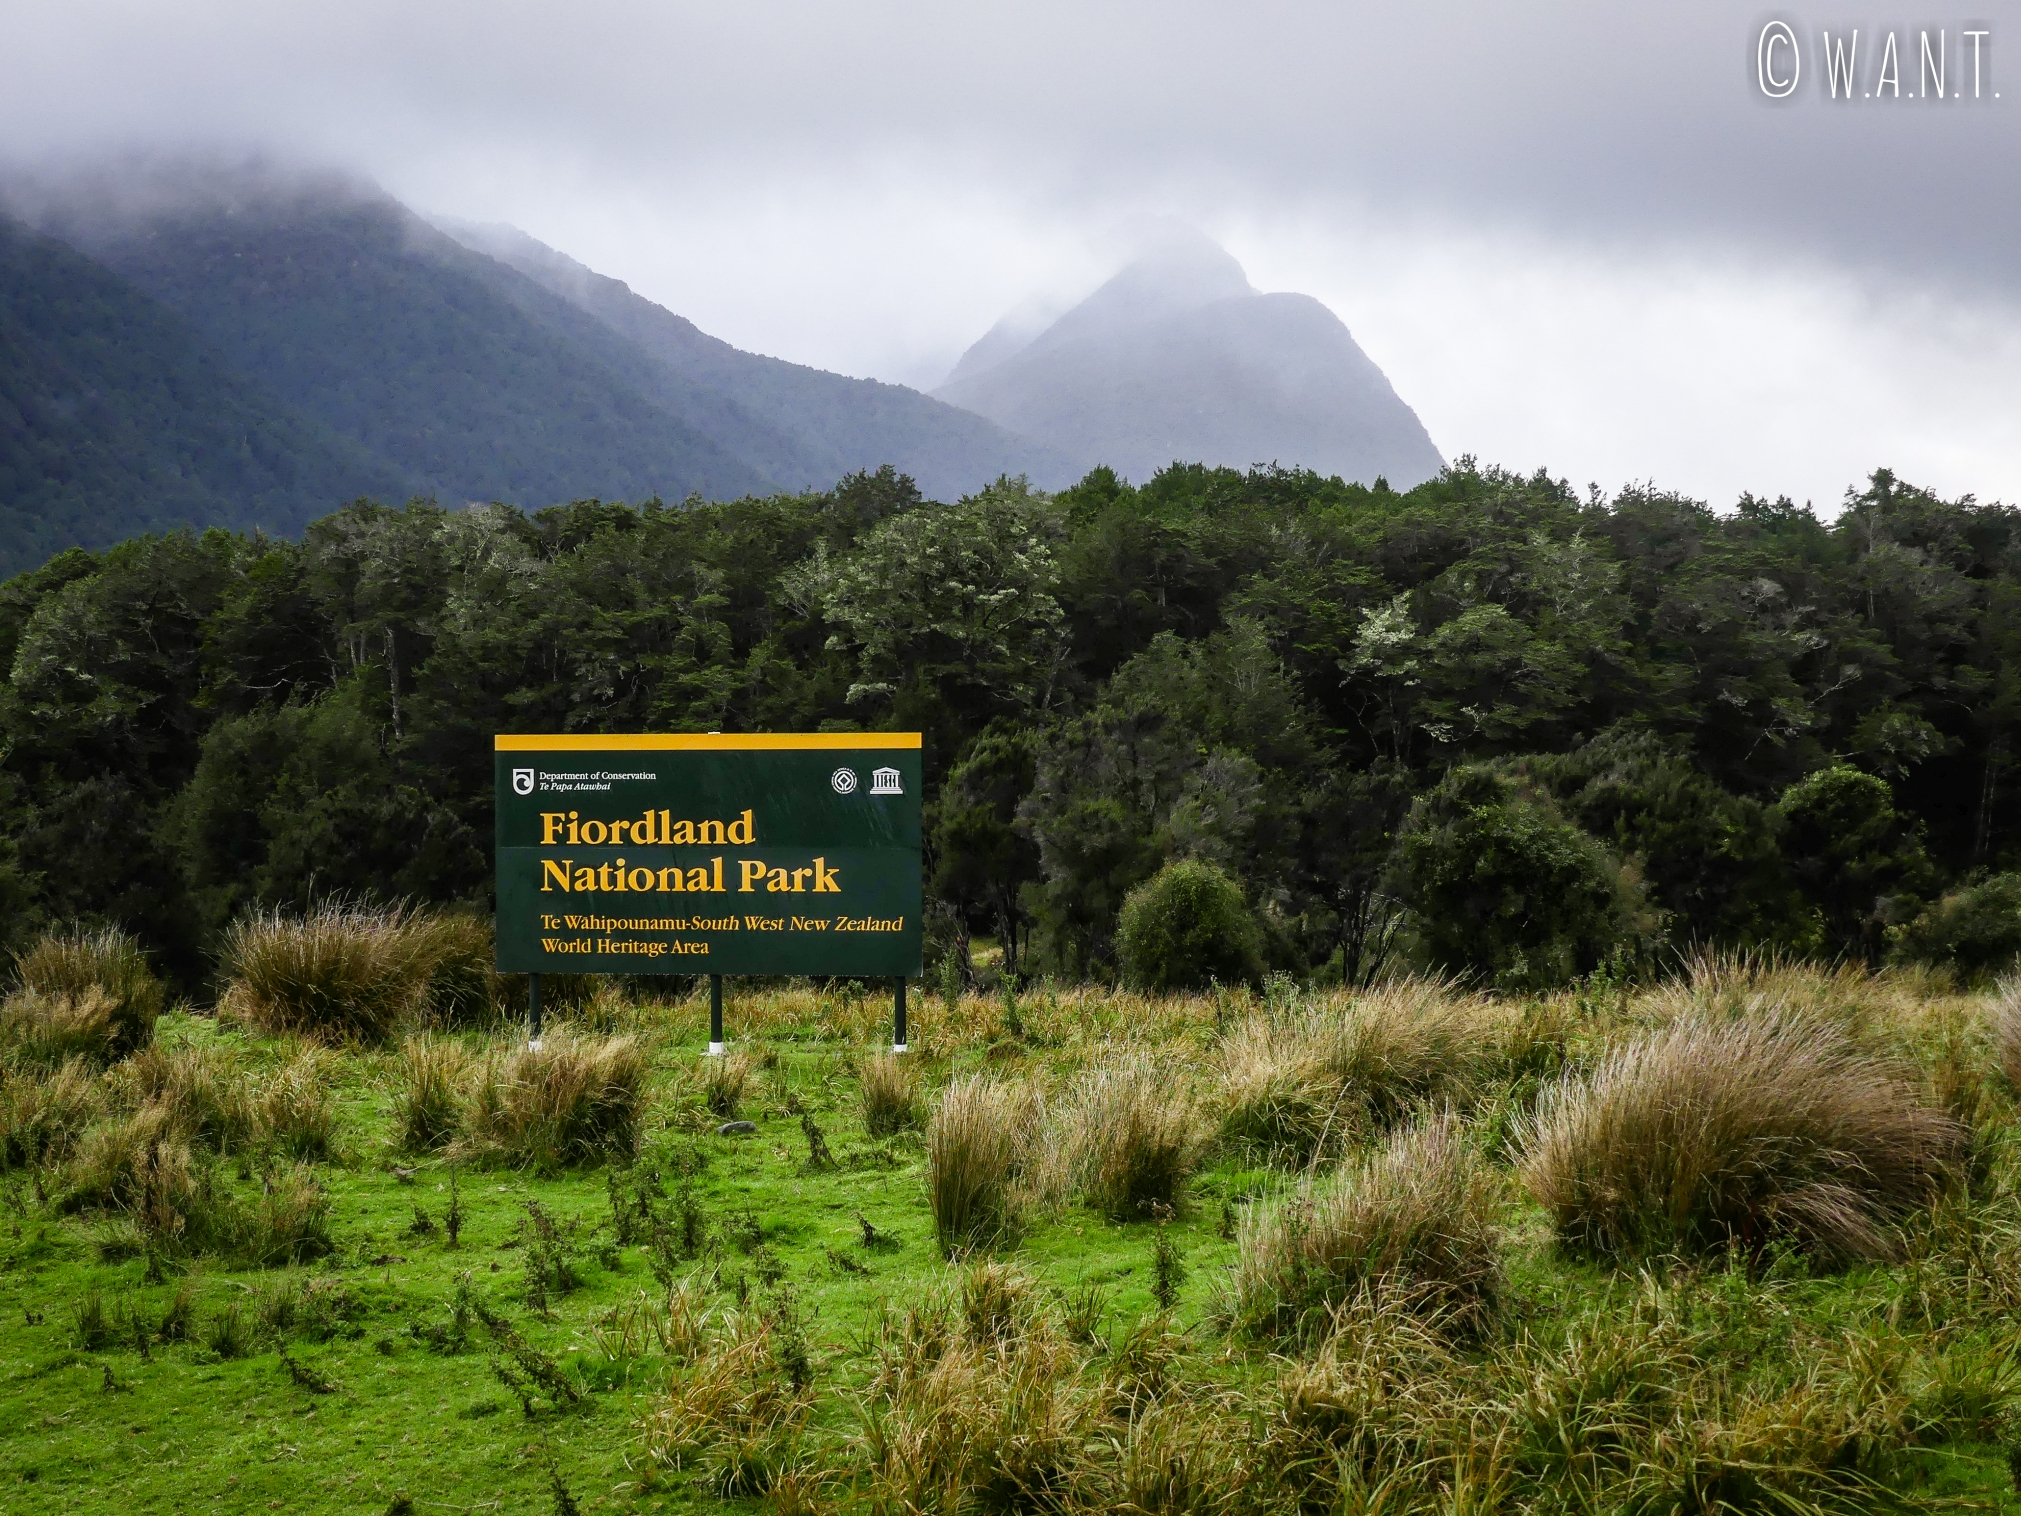 Entrée du Fiordland National Park en Nouvelle-Zélande